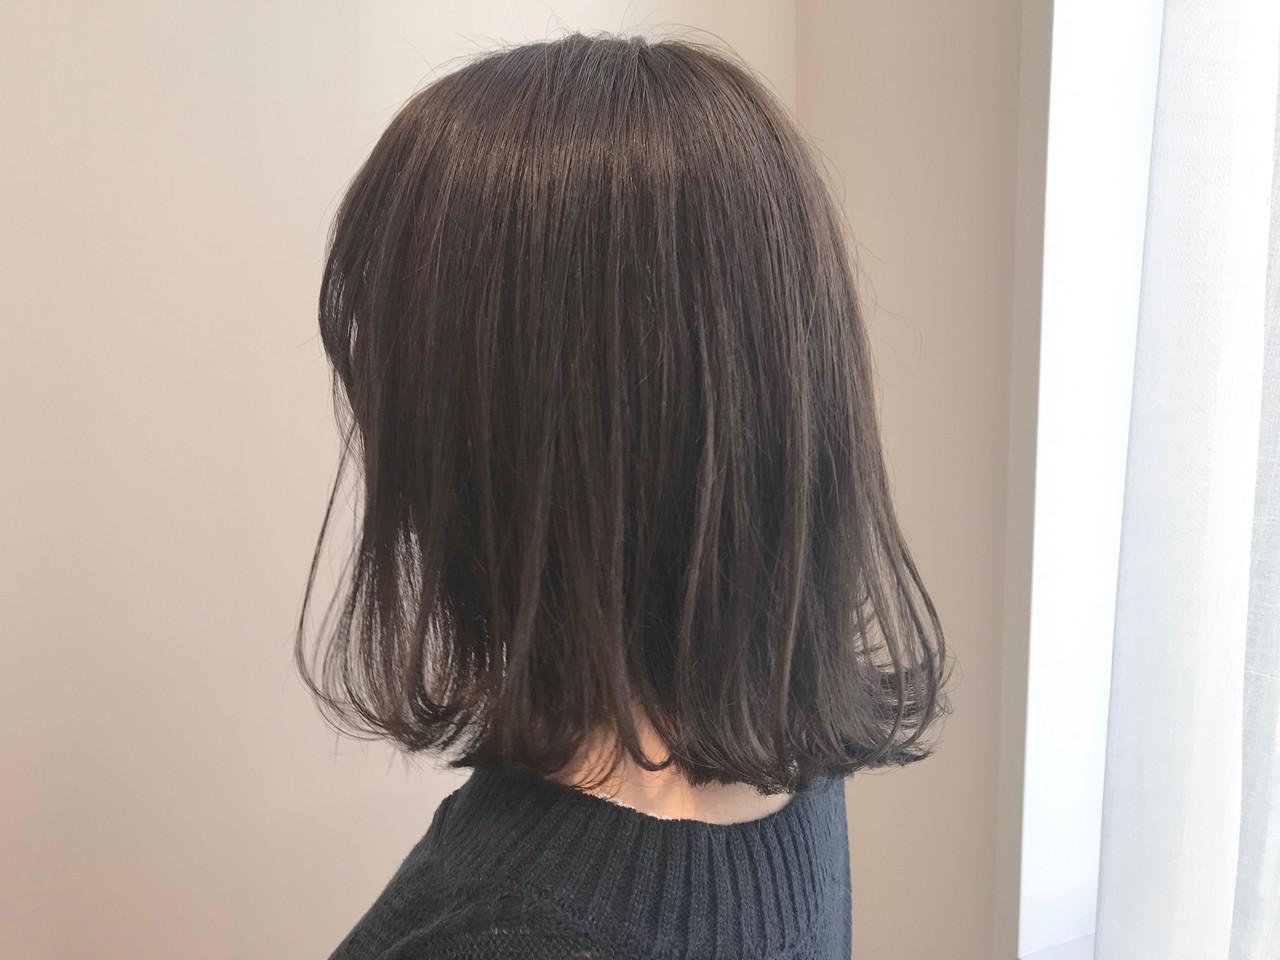 アンニュイほつれヘア モテ髪 オリーブアッシュ ボブ ヘアスタイルや髪型の写真・画像